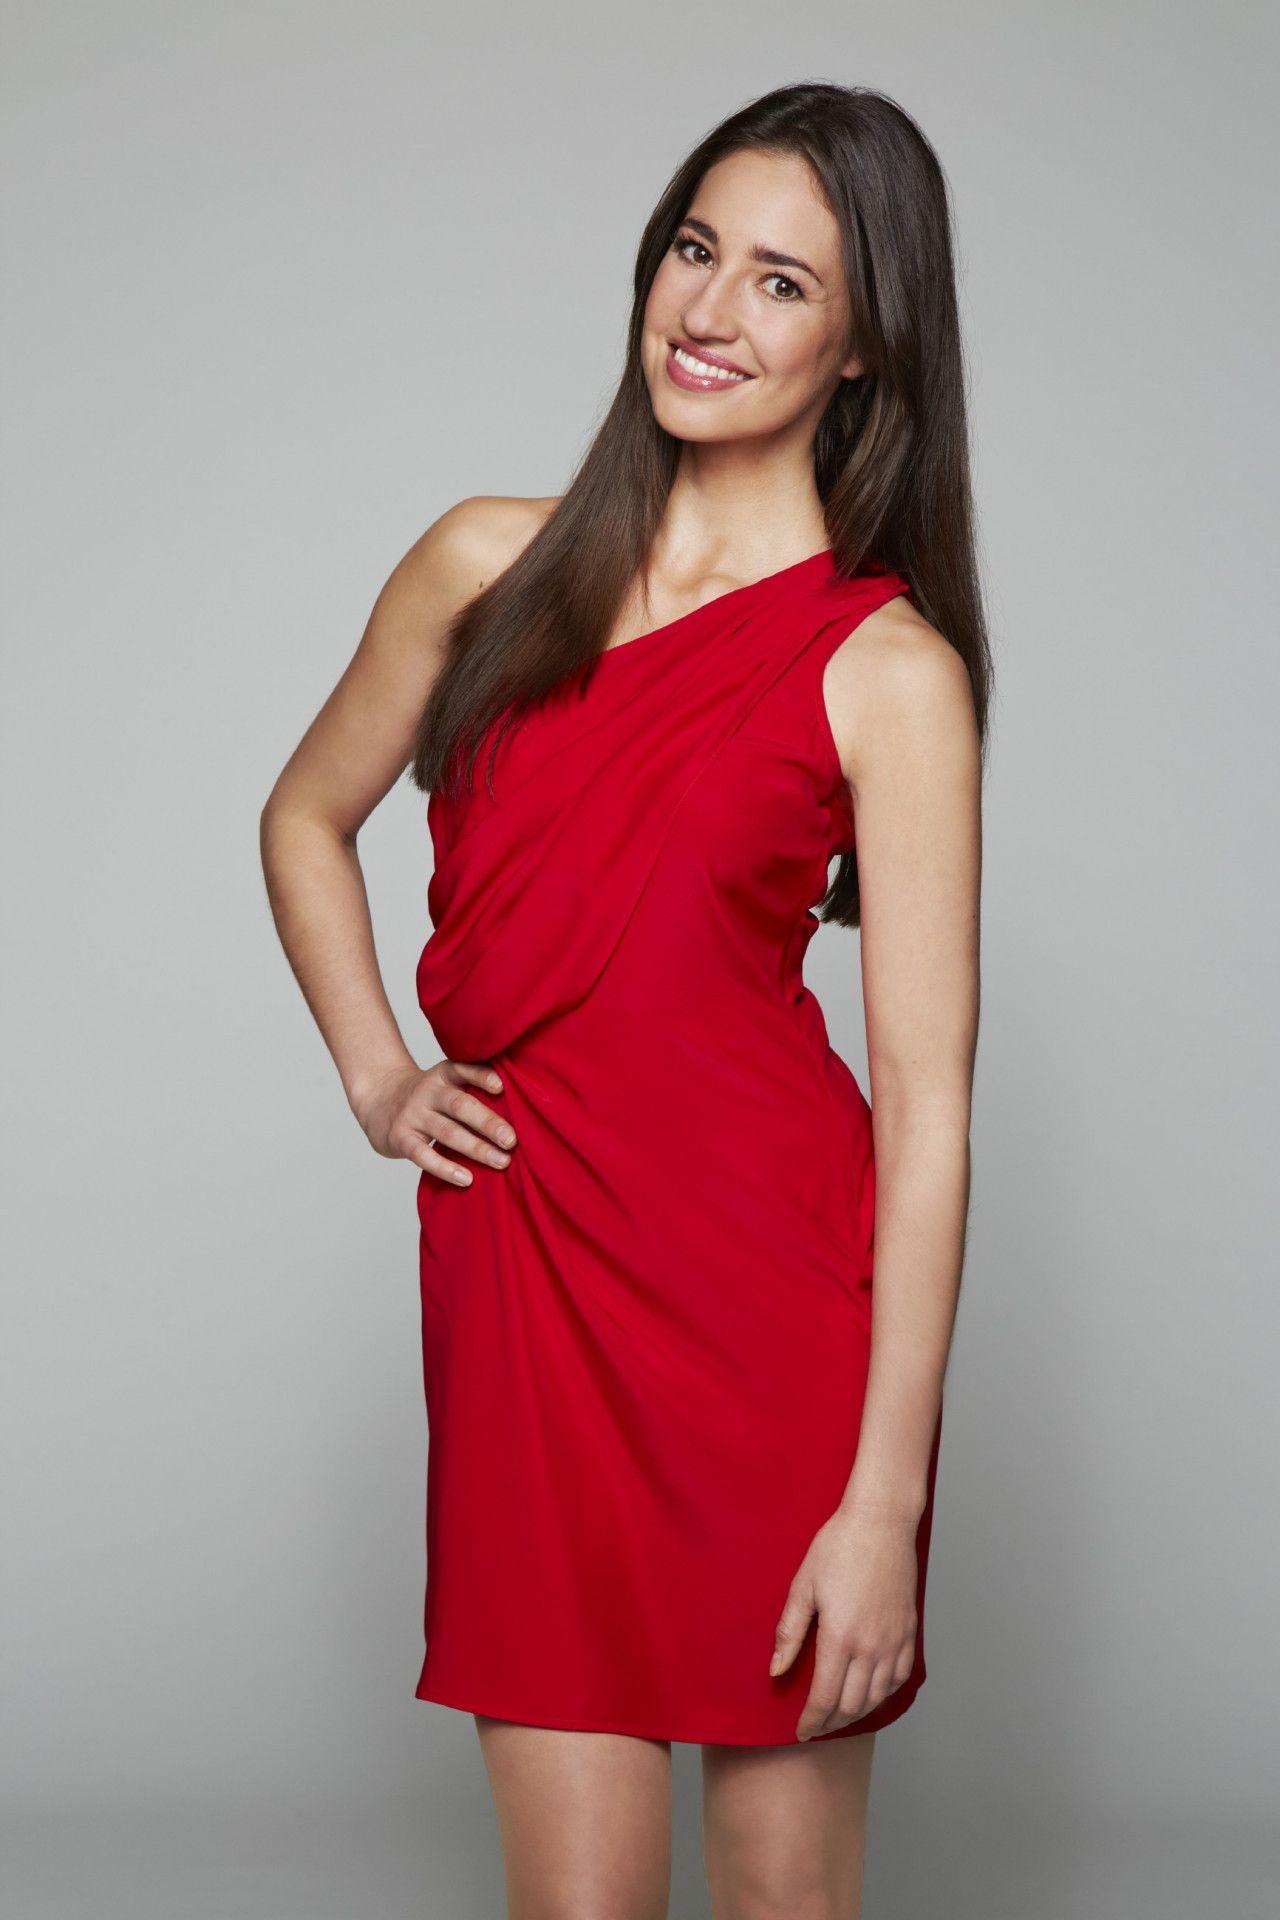 Elena Garcia Gerlach spielt Elena Castillo.